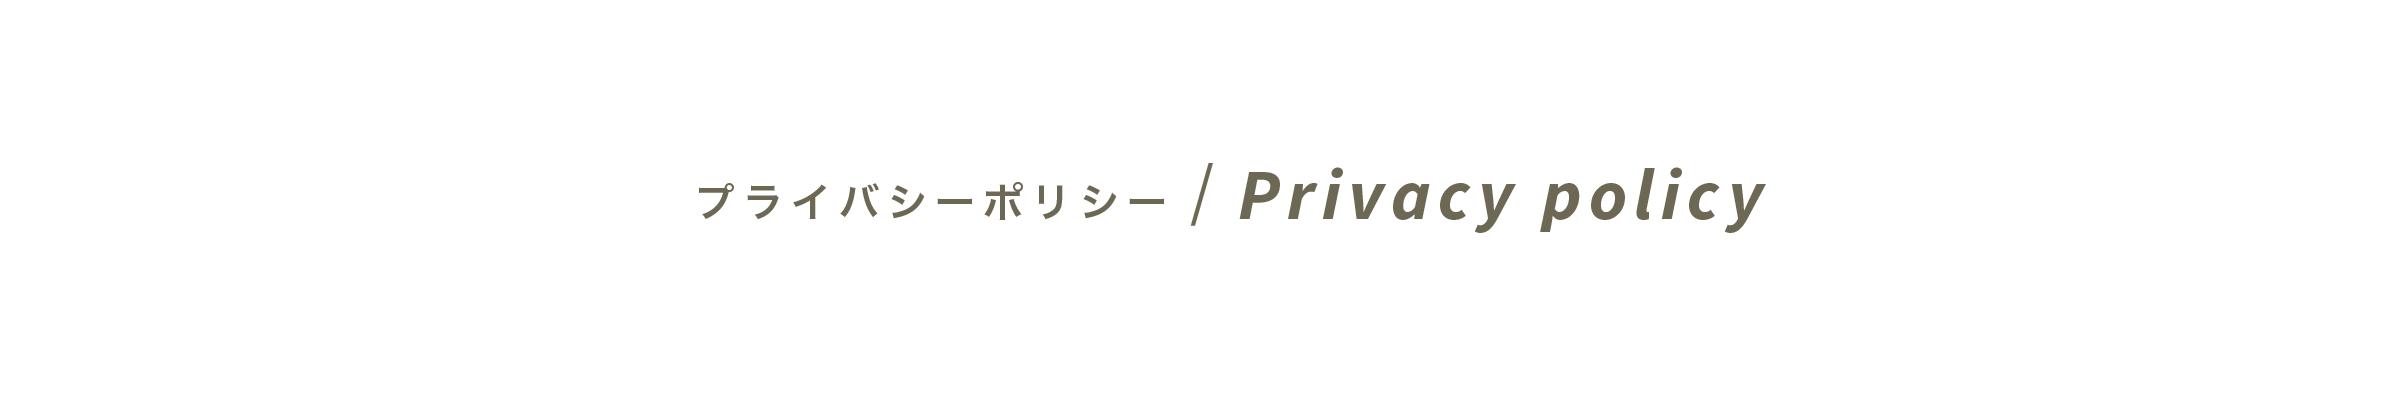 プライバシーポリシー / Privacy policy